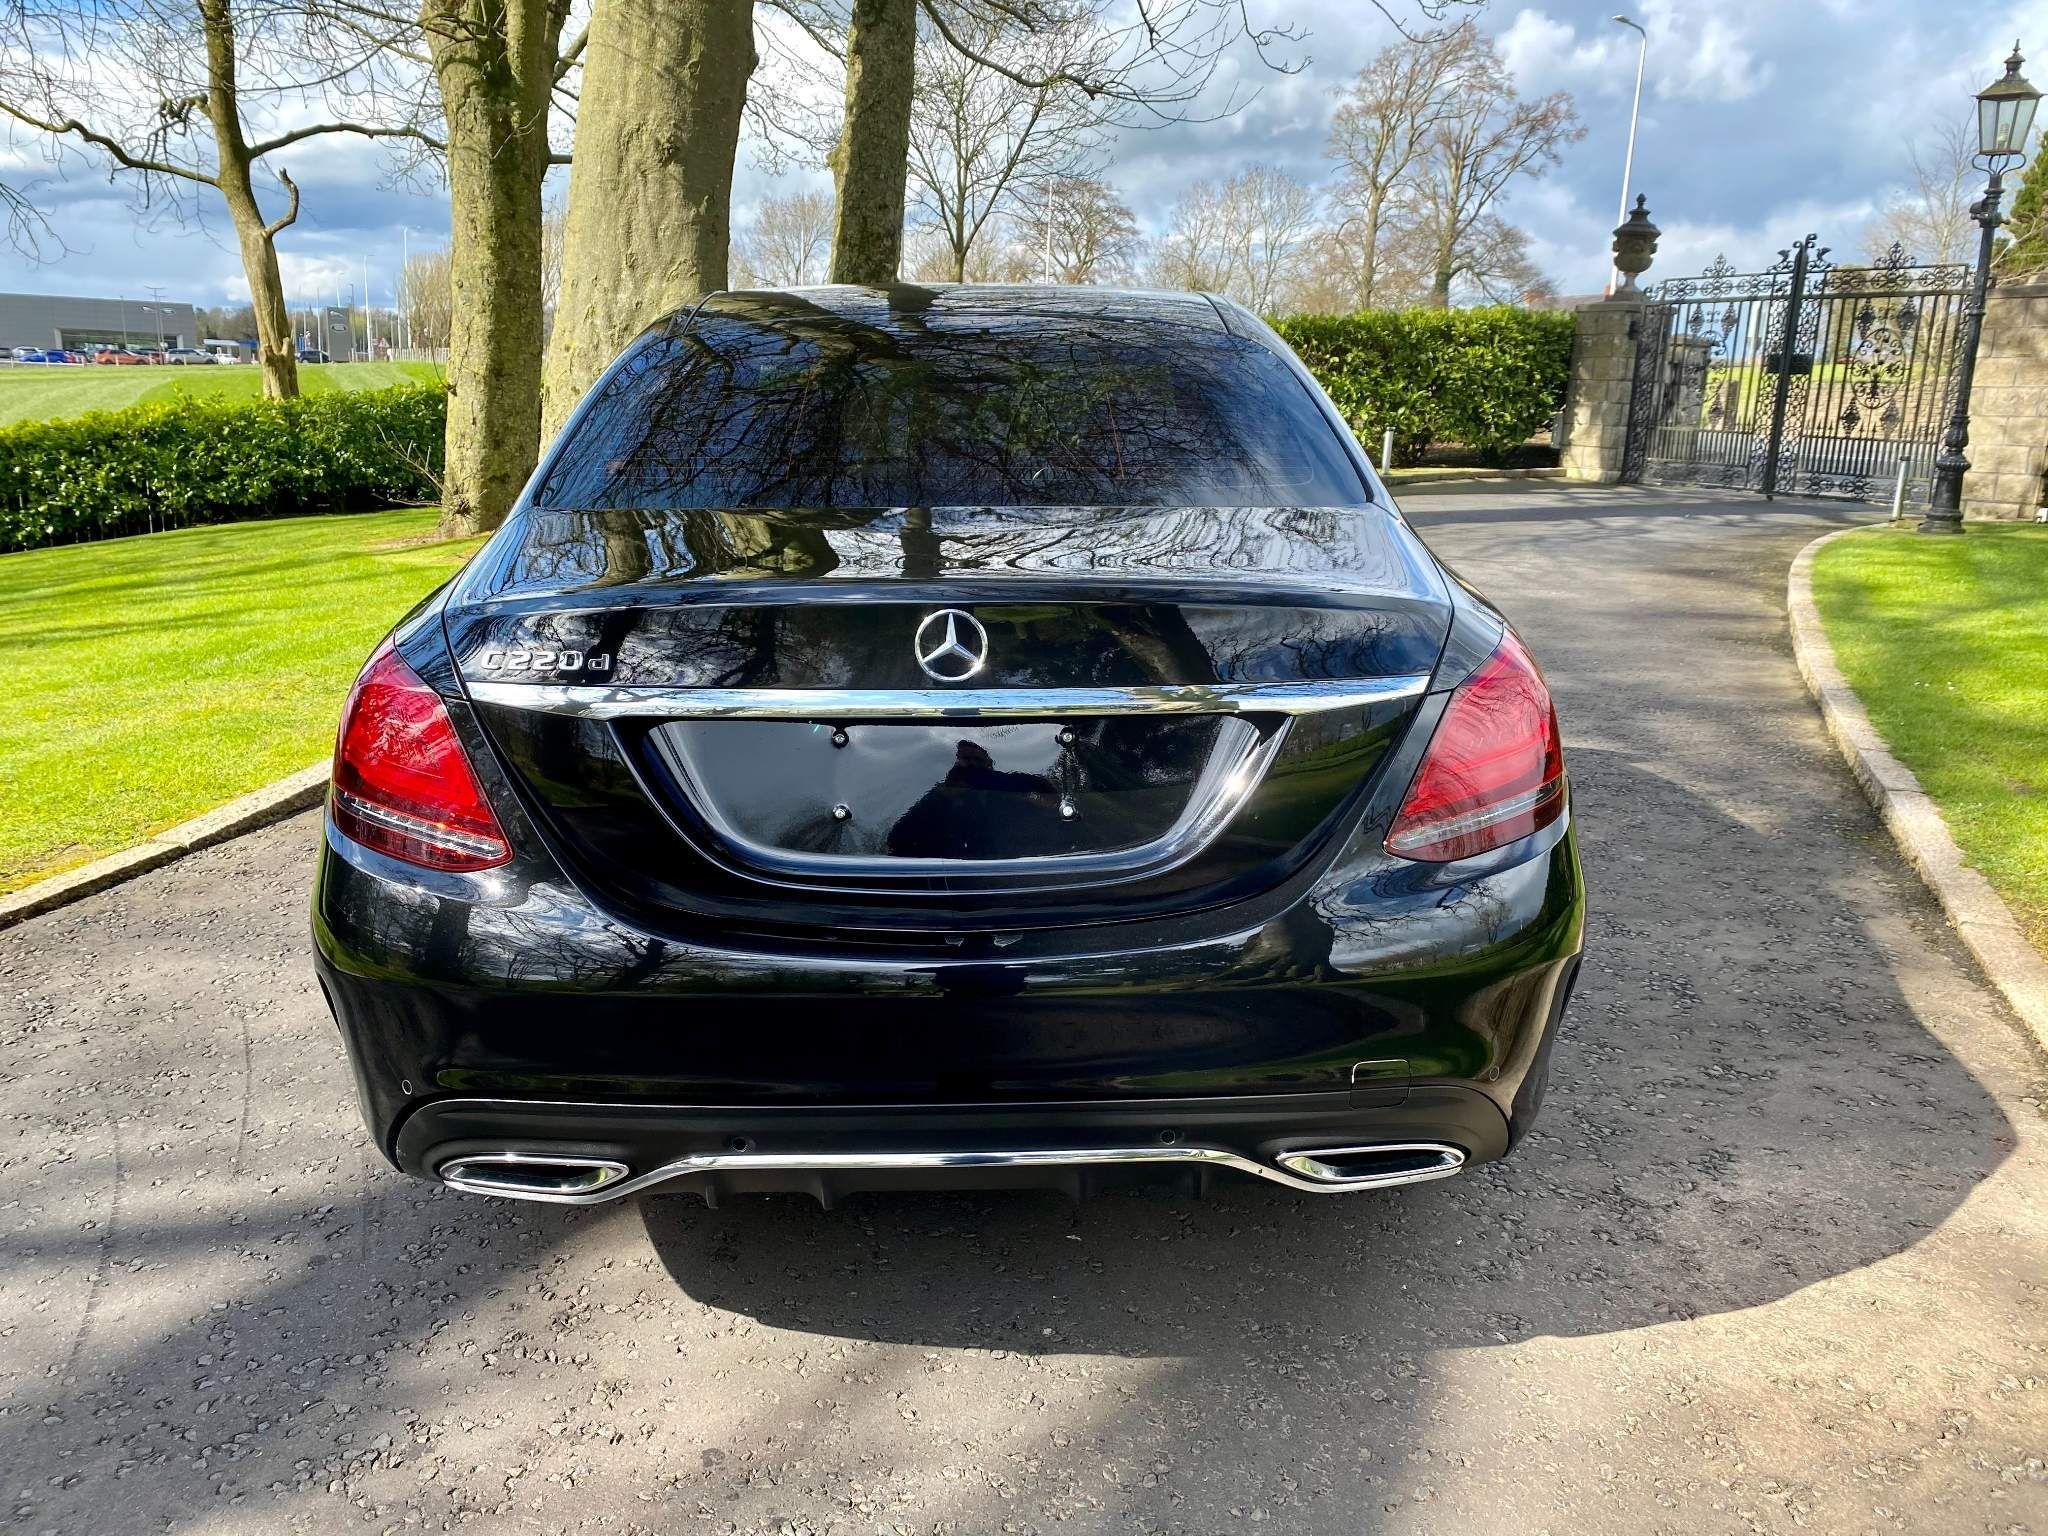 2019 Mercedes-Benz C Class 2.0 C220d AMG Line G-Tronic+ (s/s) 4dr Diesel Automatic – Moyway Motors Dungannon full